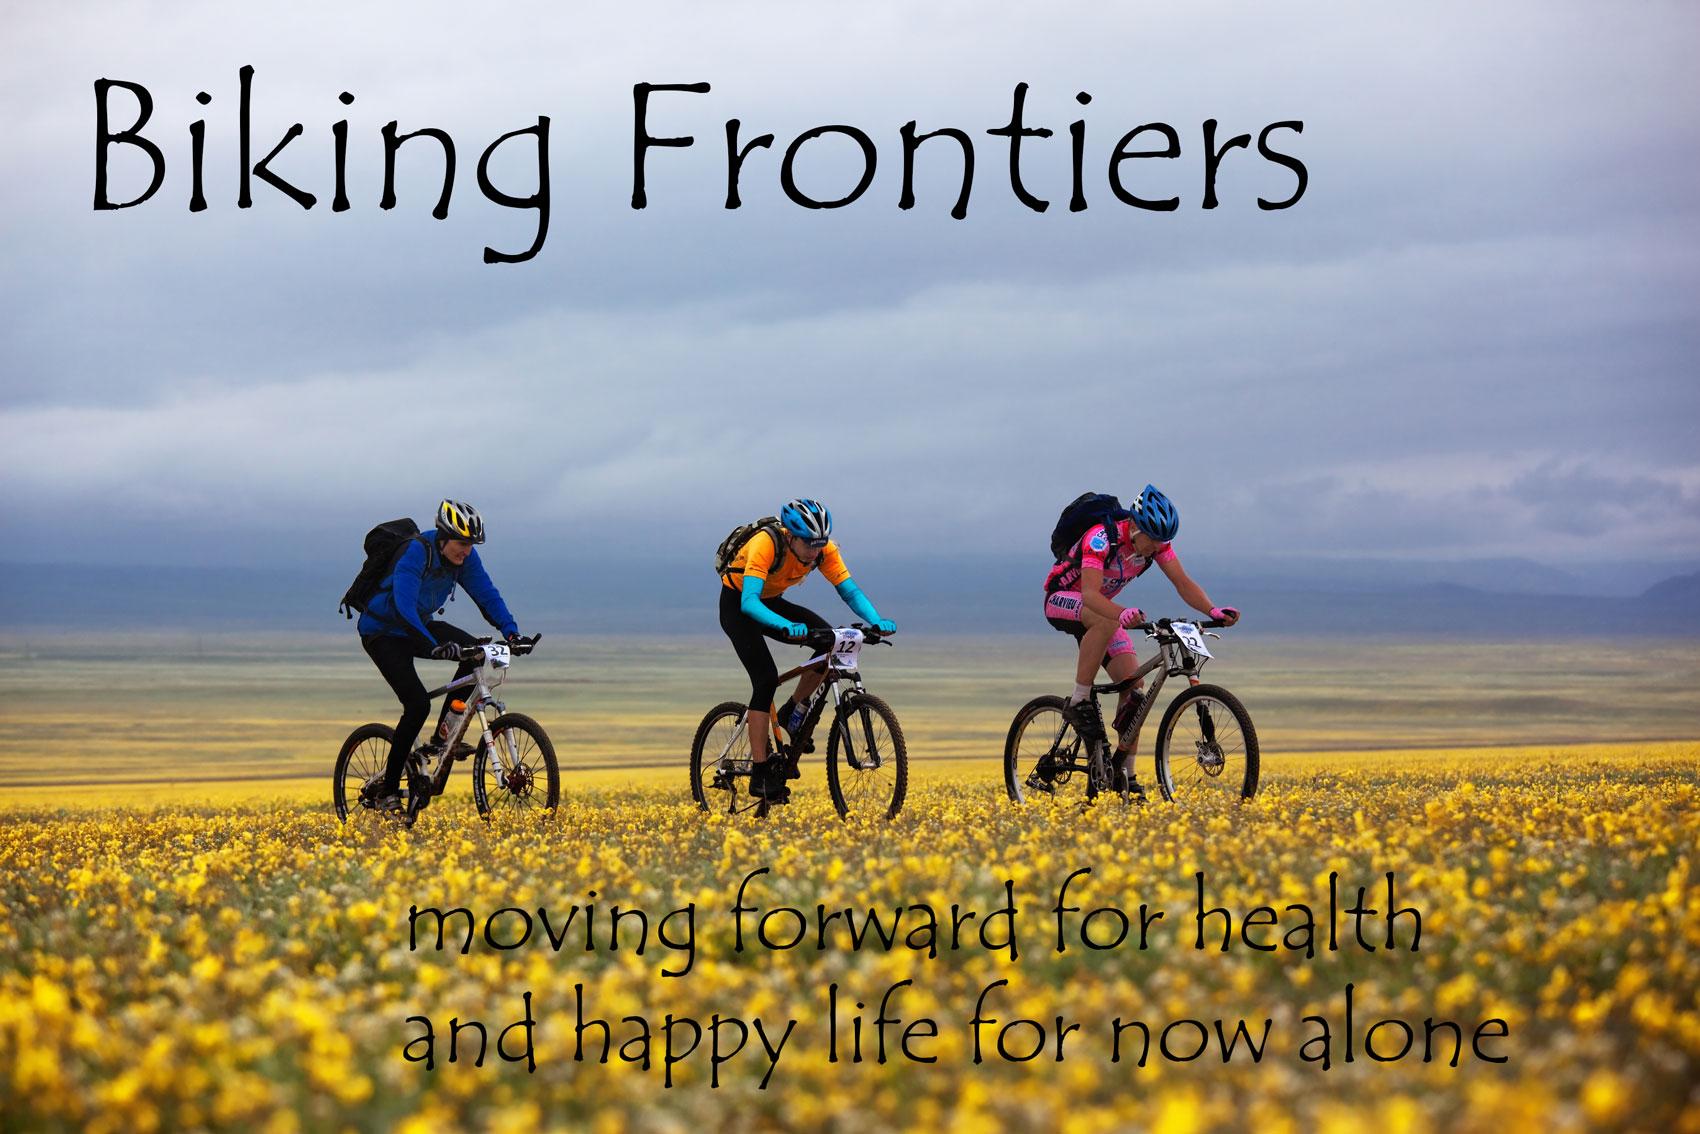 Biking Frontiers